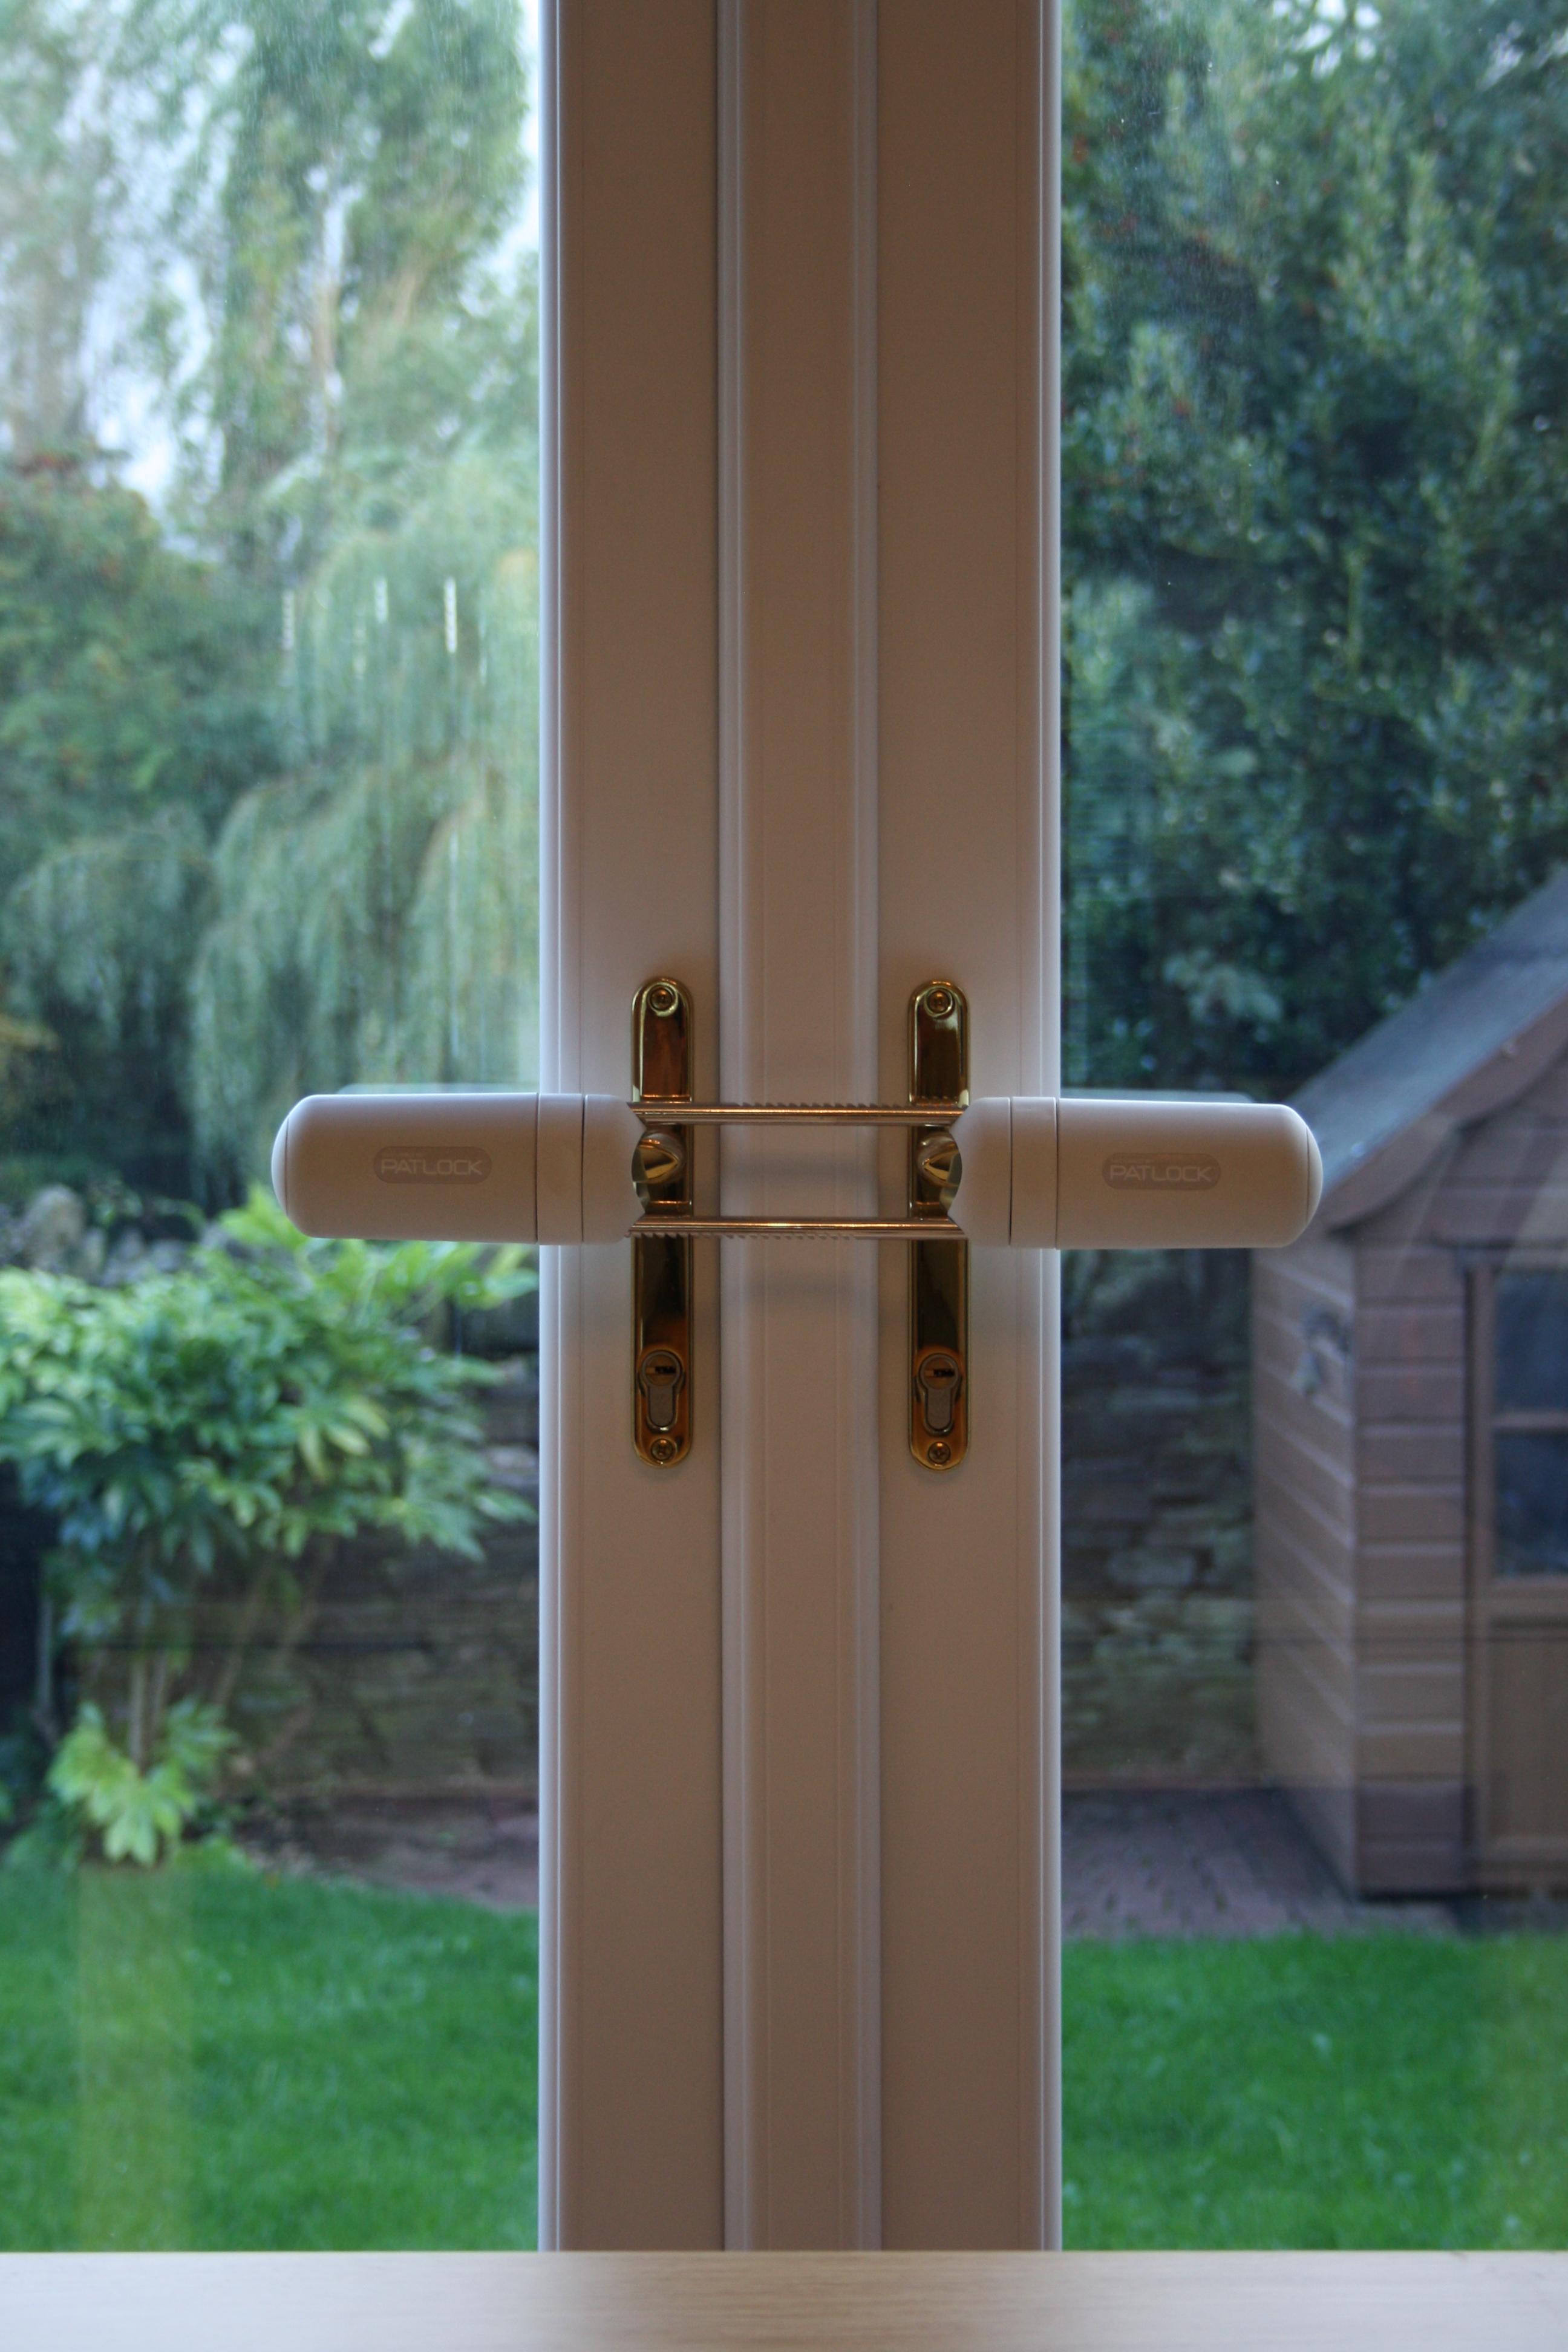 3888 #377046 Patlock Patio French Door Security Lock Safe And Vault wallpaper Secure Patio Doors 3252592